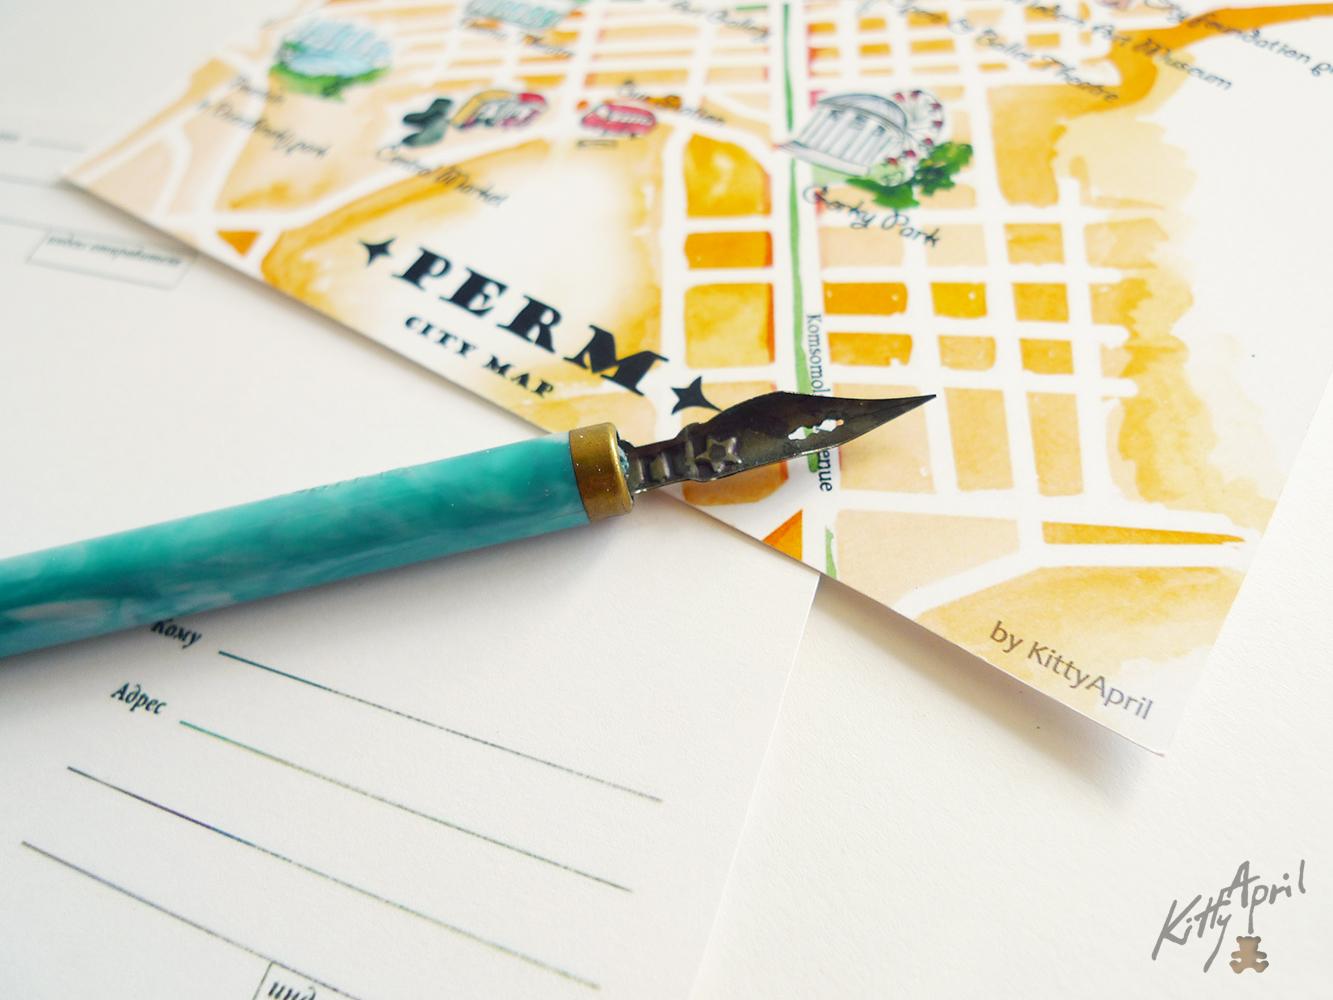 Посткроссинг. Часть 5: часто задаваемые вопросы об открытках Stamp-up